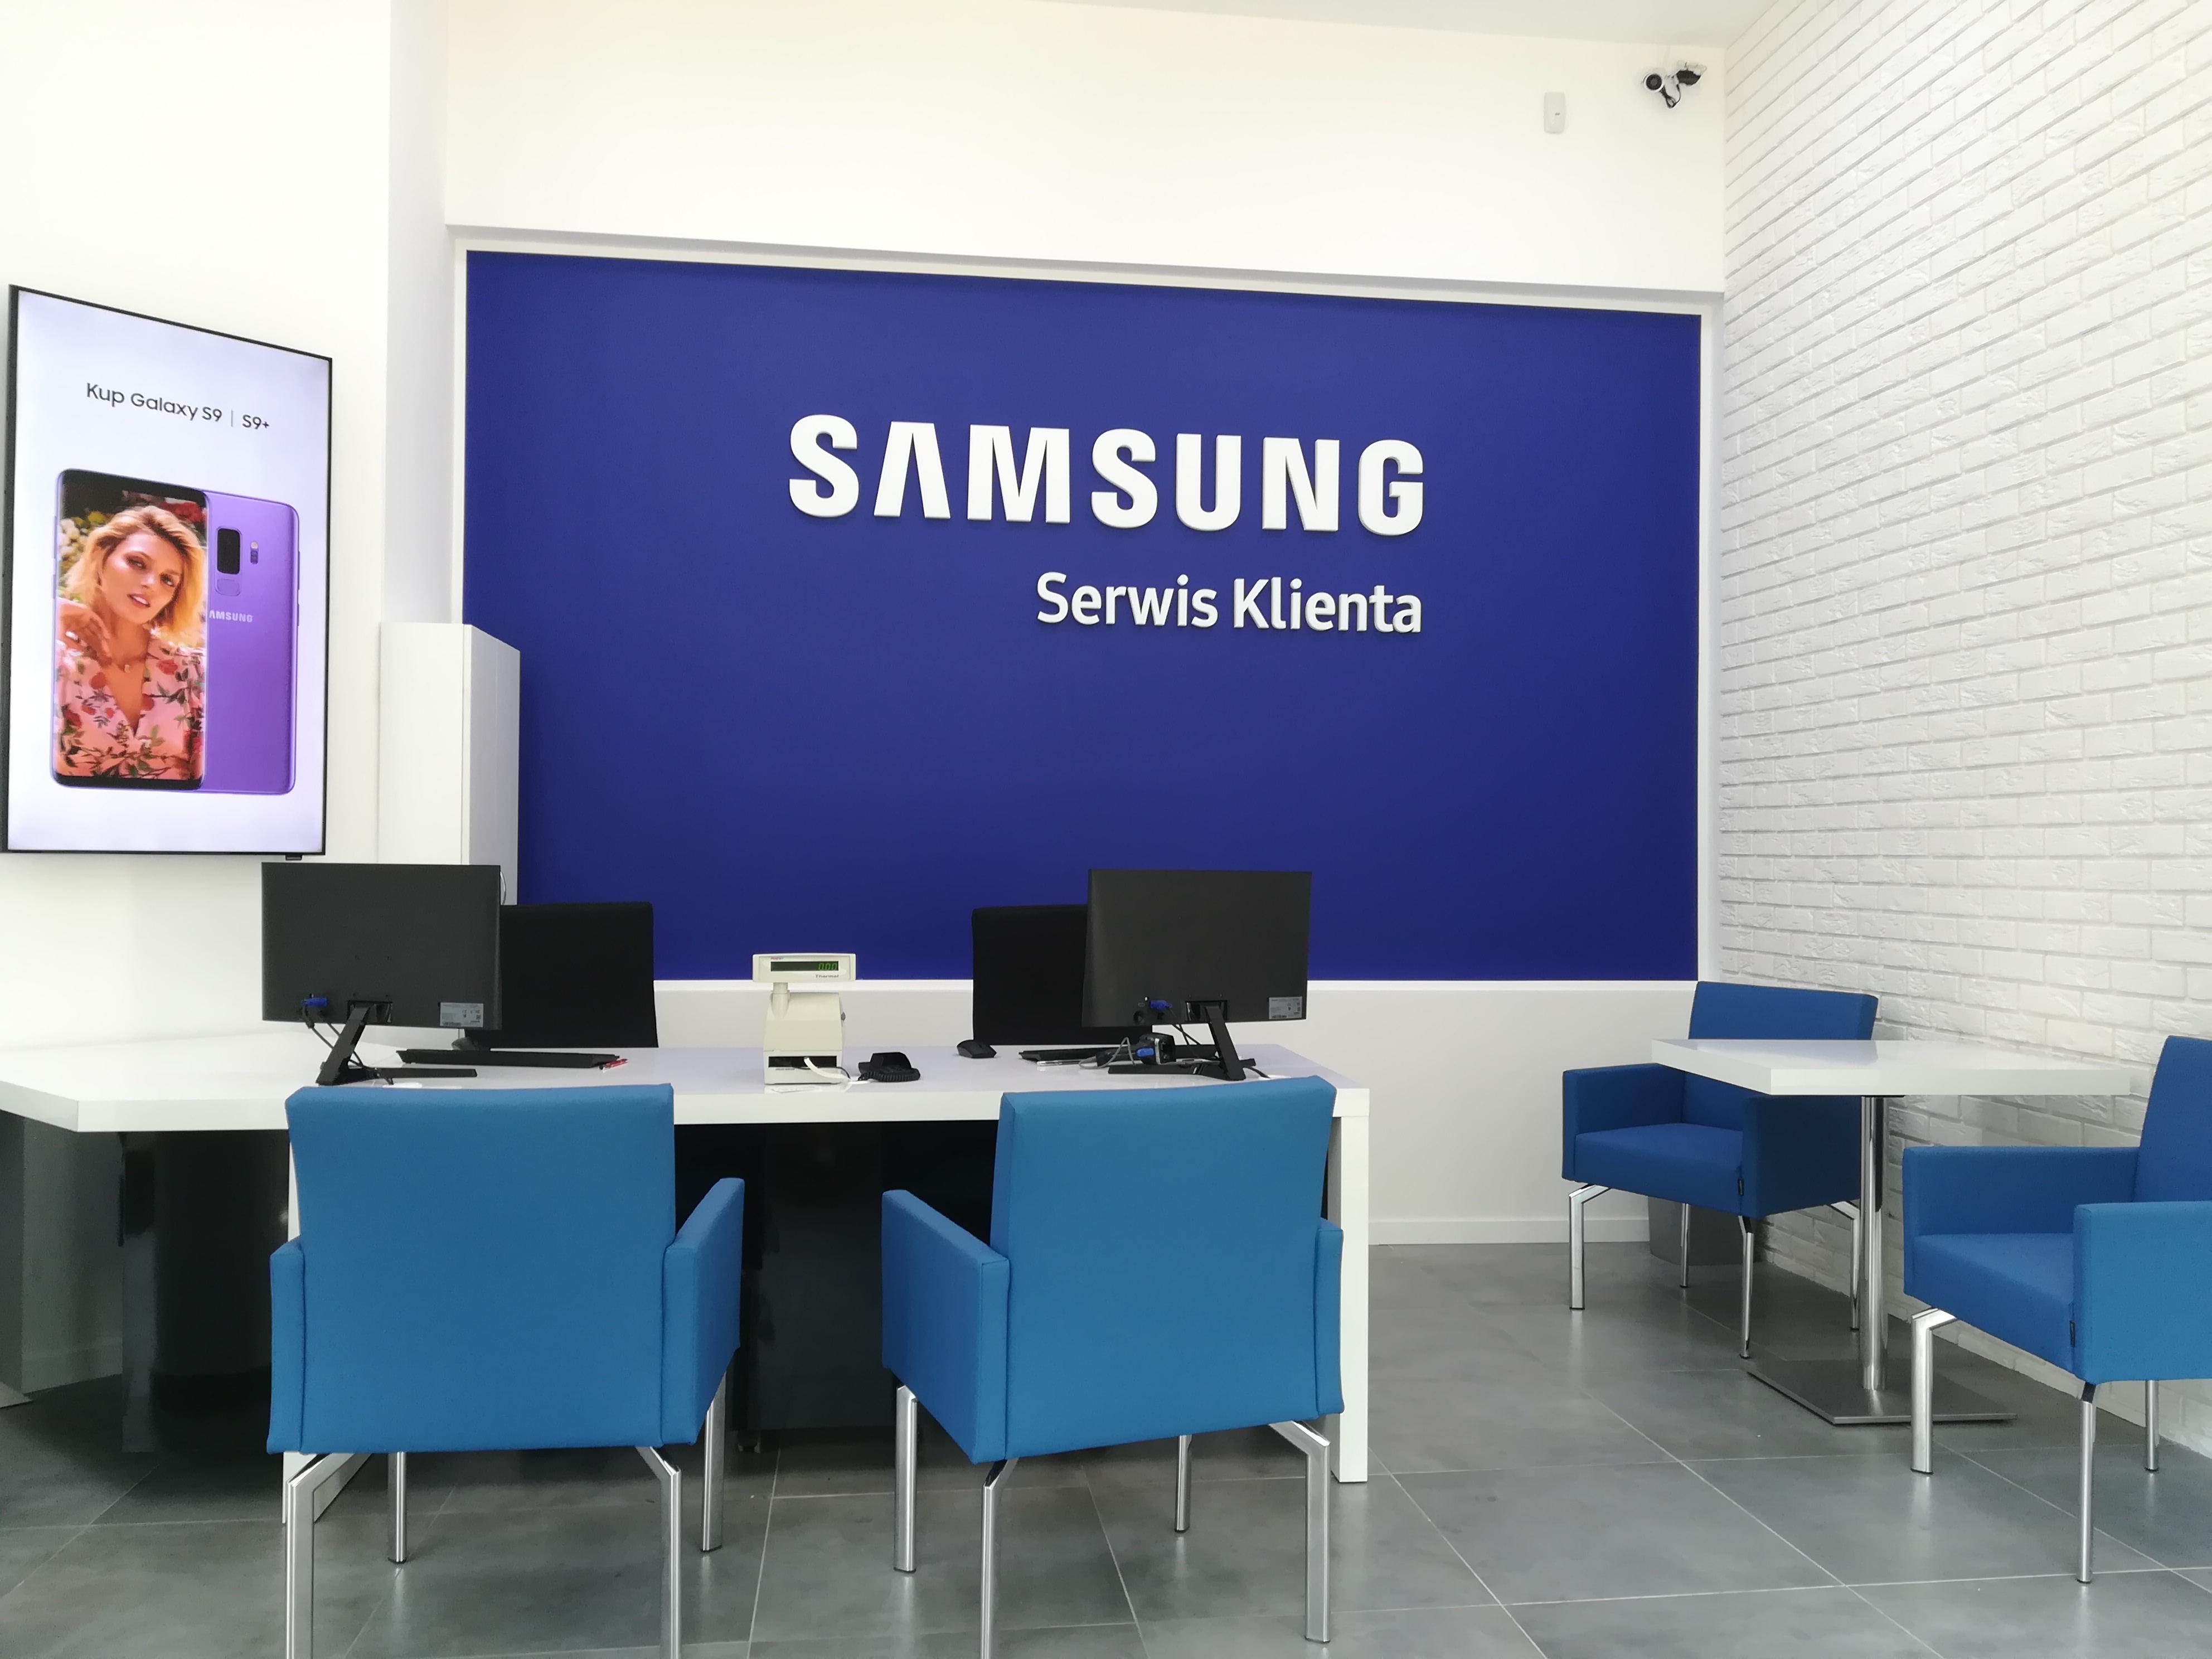 Autoryzowane Centrum Serwisowe Urządzeń mobilnych firmy Samsung w Szczecinie